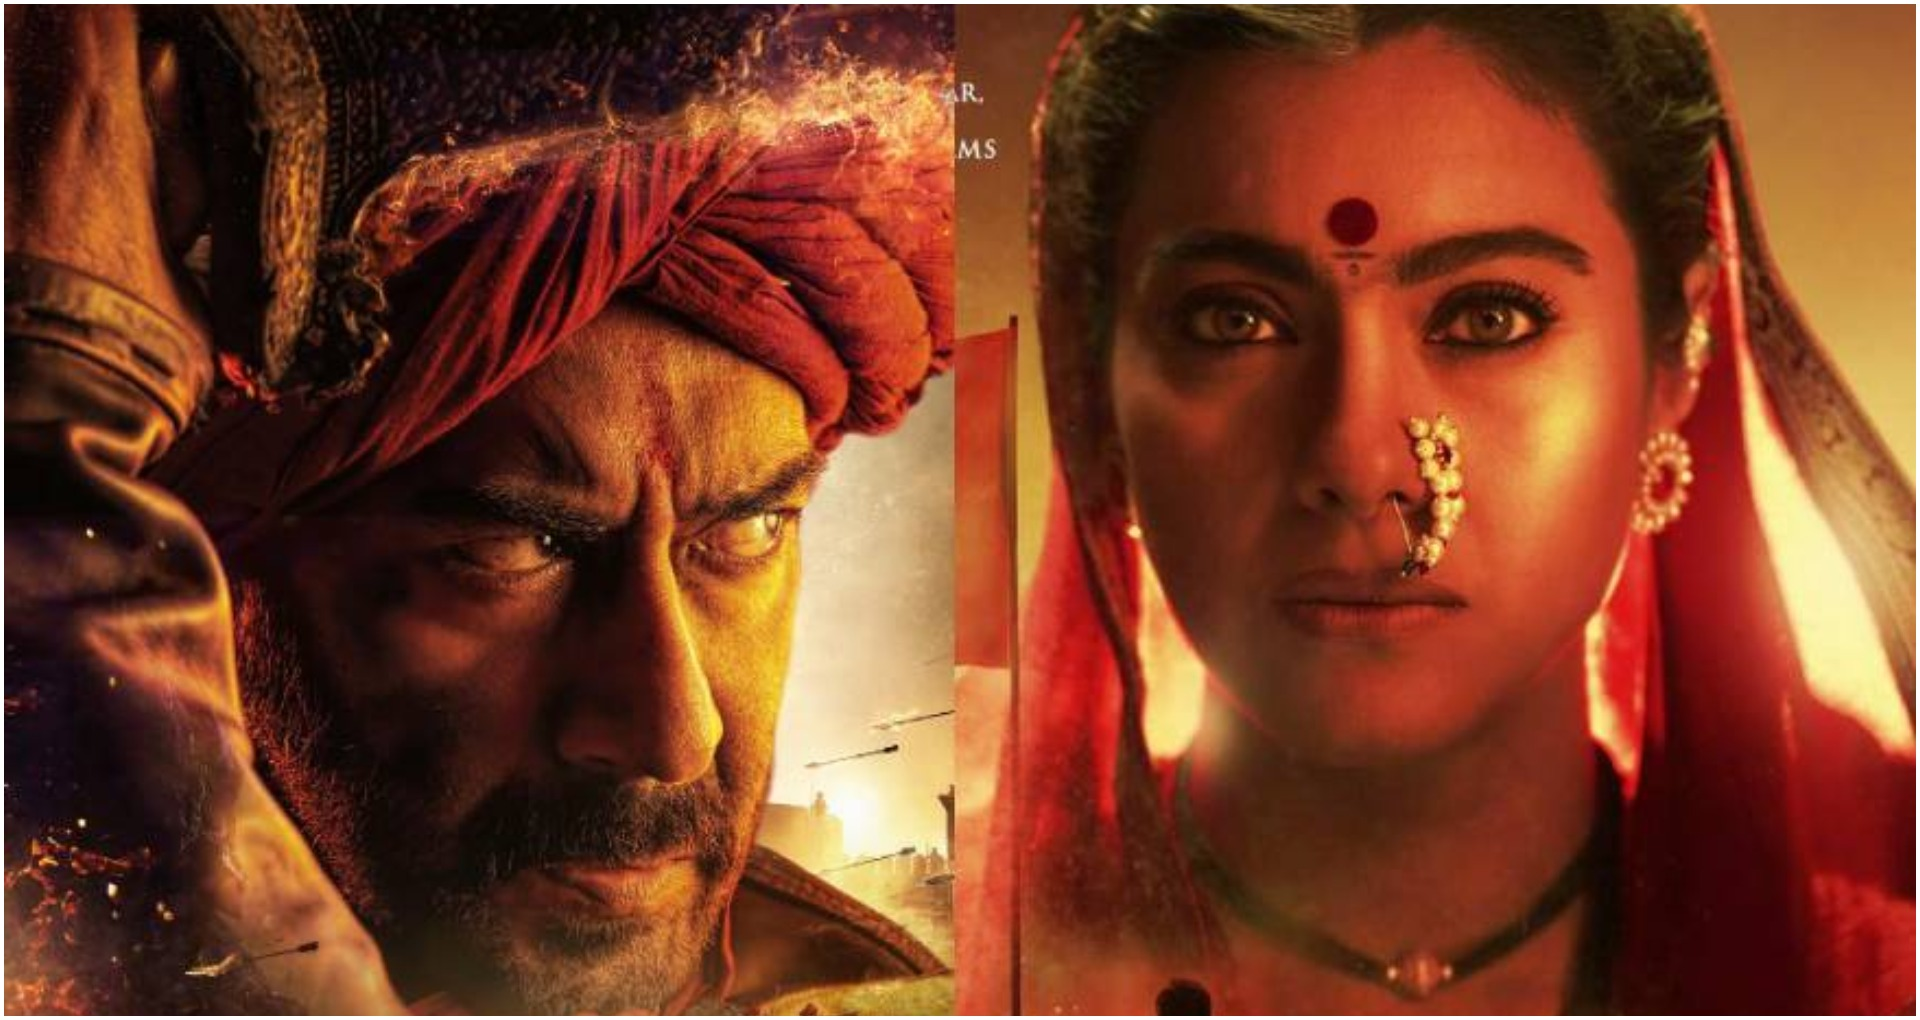 अजय देवगन की फिल्म तानाजी: द अनसंग वॉरियरमहाराष्ट्र में आज से हुई टैक्स फ्री, फैंस नेदिया कुछ ऐसारिएक्शन